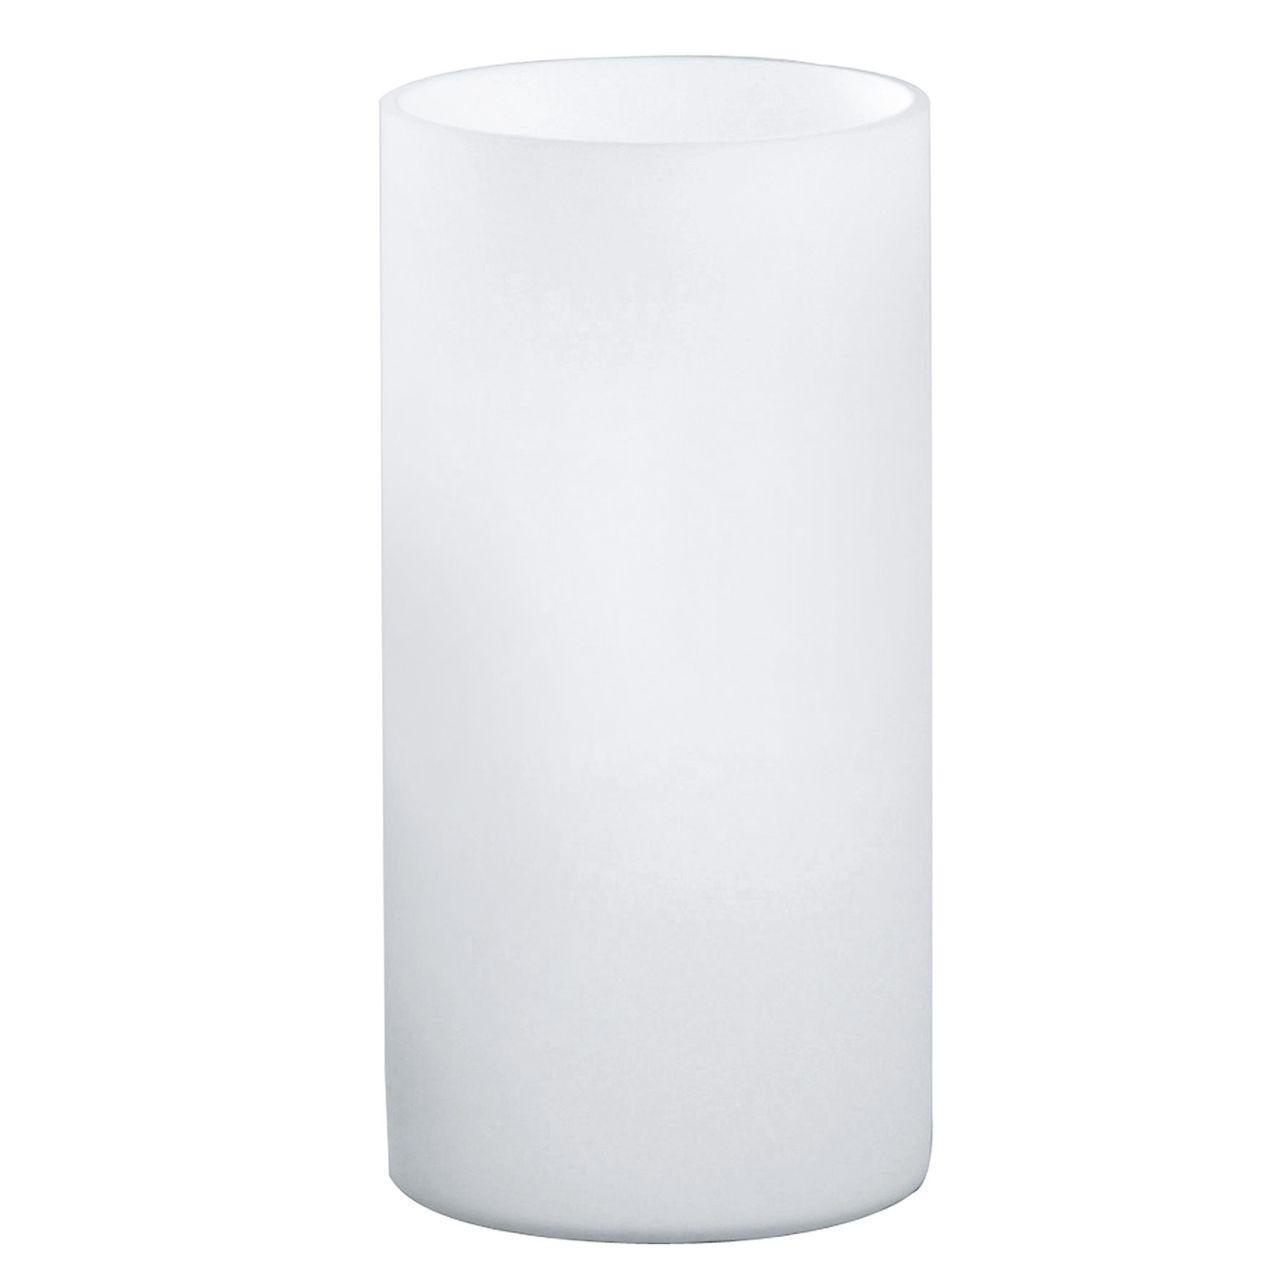 Настольная лампа Eglo Slim 81827 лампа настольная eglo slim 82305